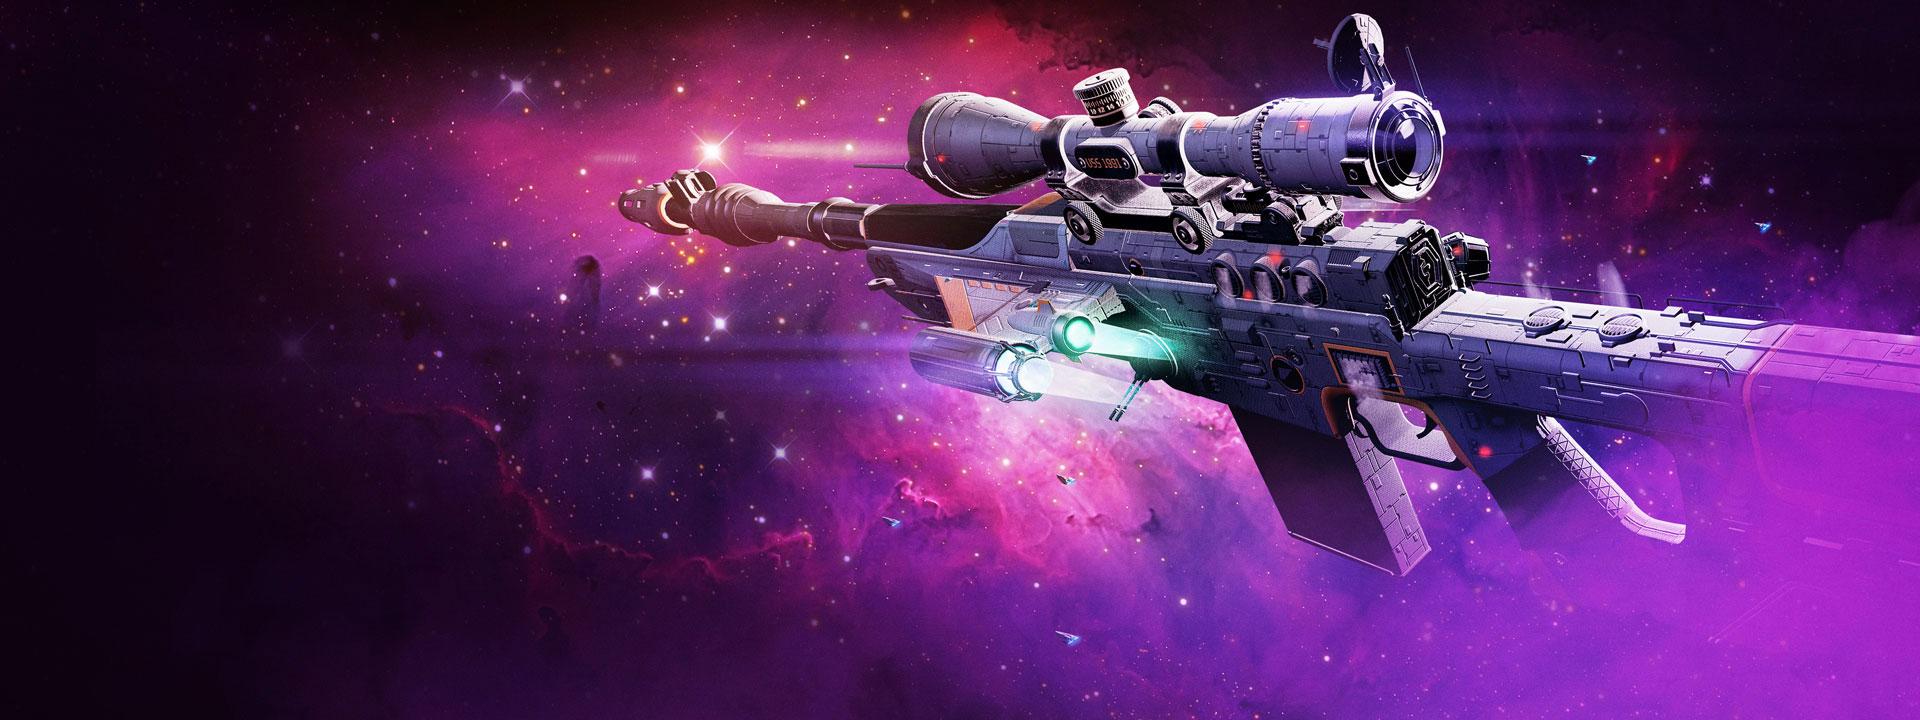 Scharfschützengewehr mit galaktischem Hintergrund